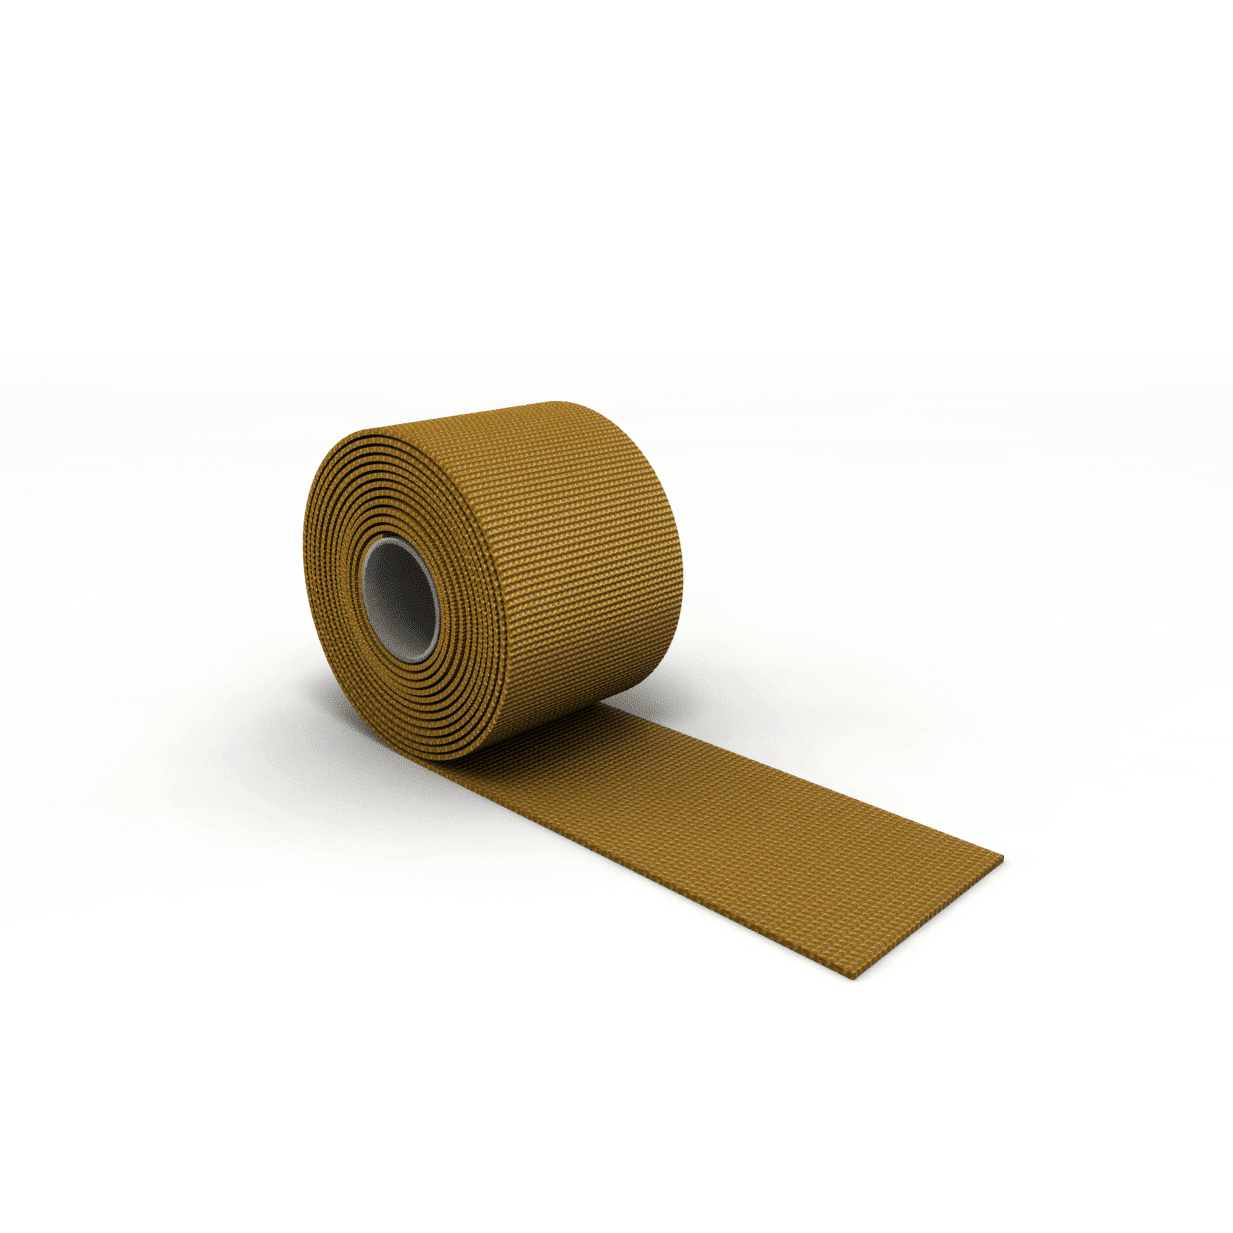 Gurtband für Rodelsitz gold